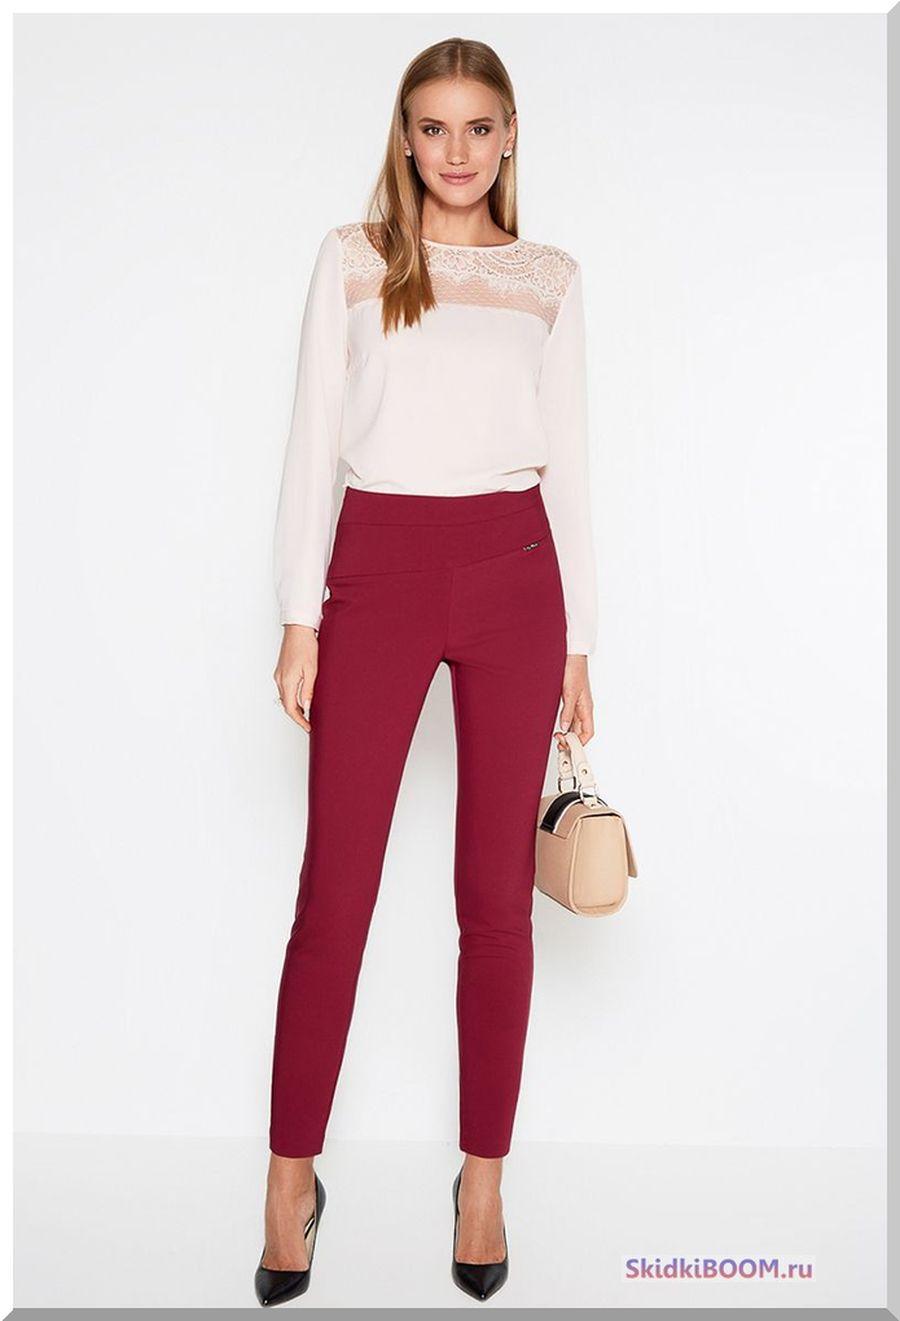 Какие женские брюки в моде - классические